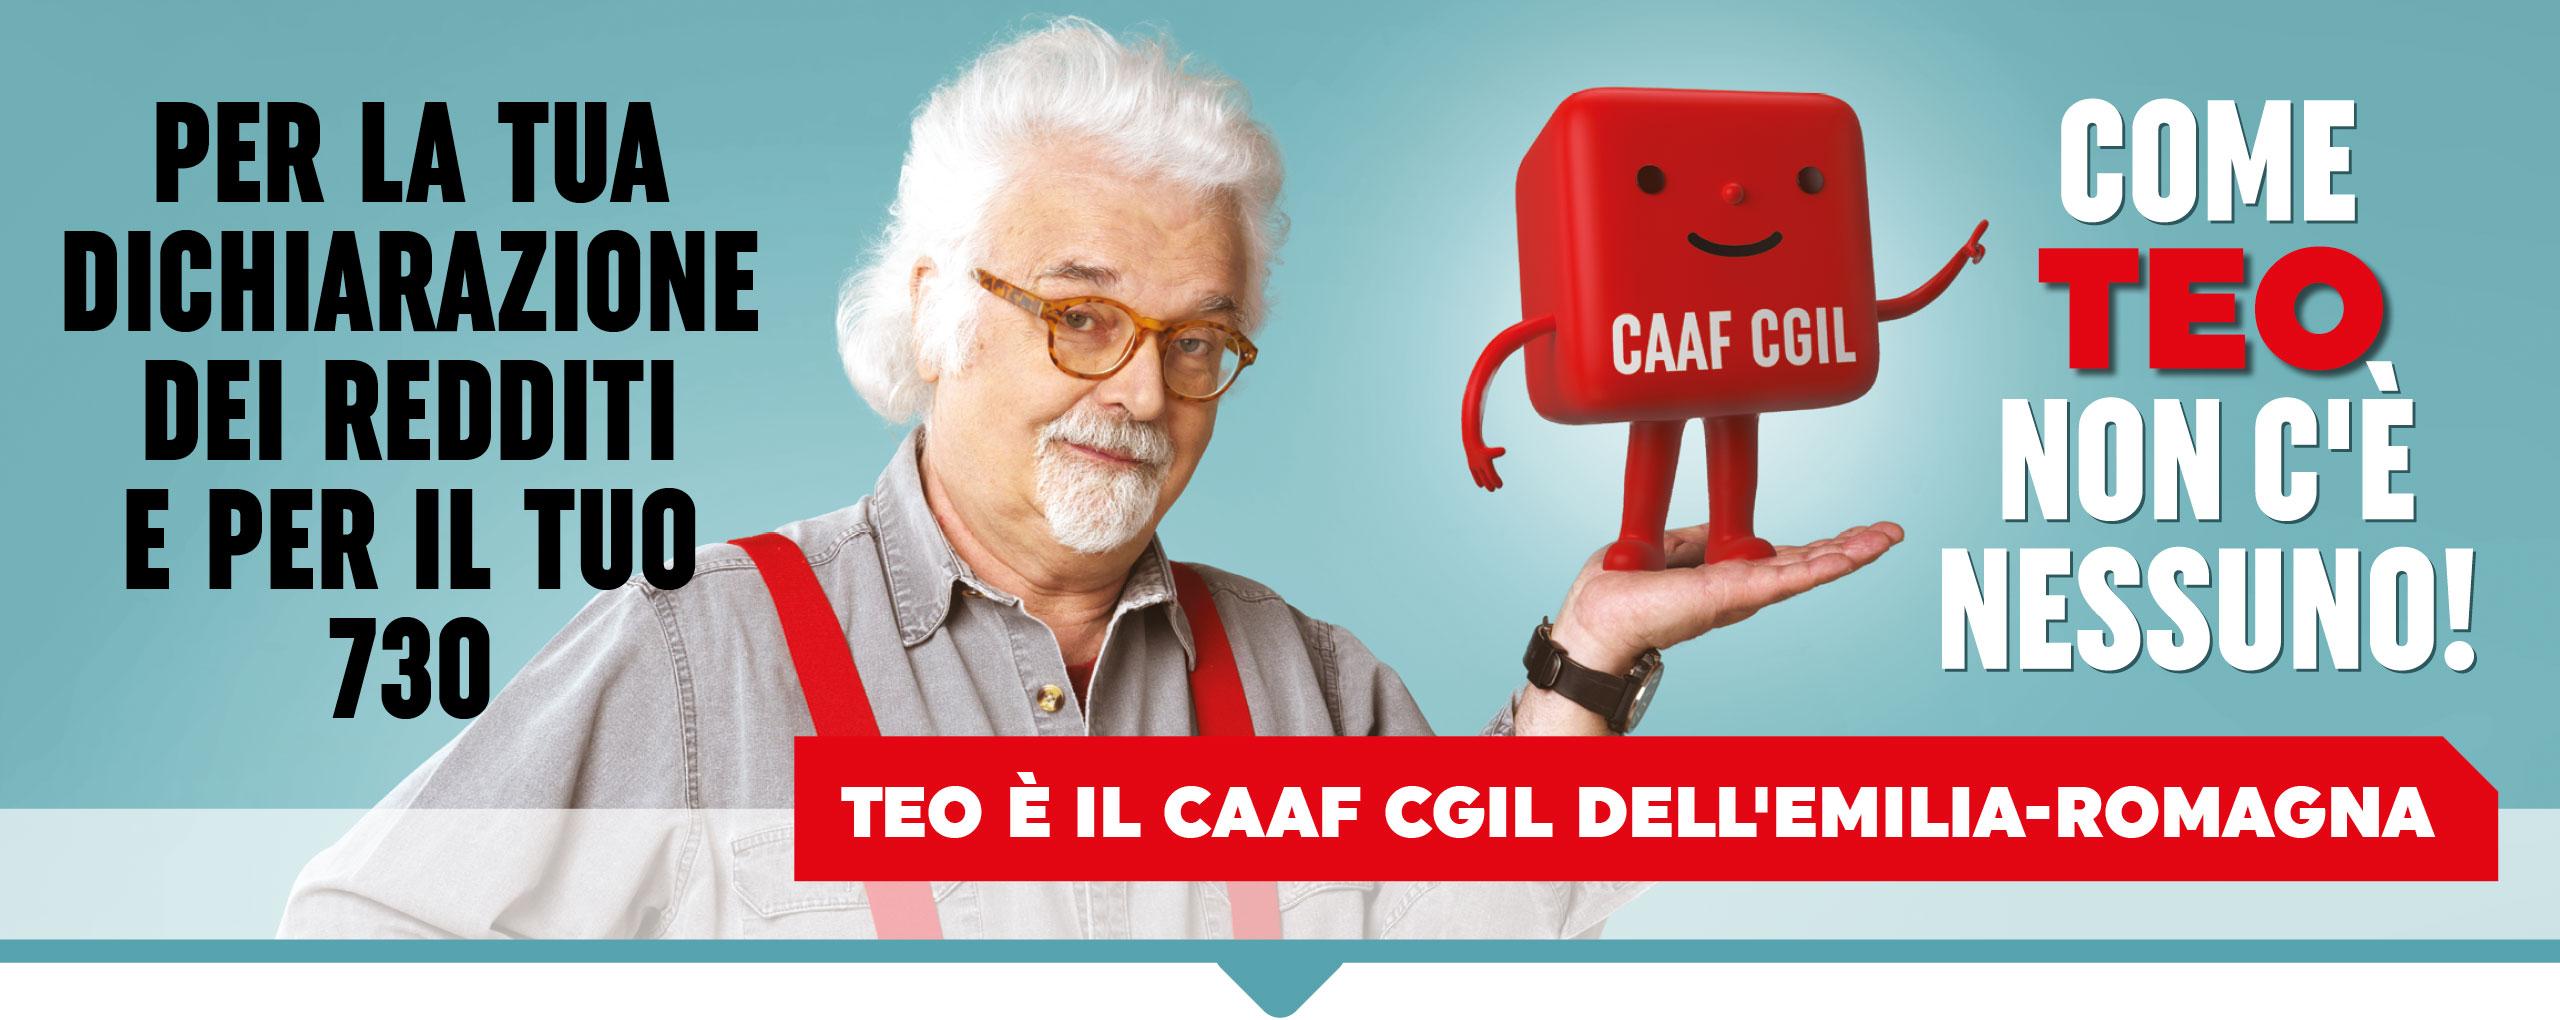 Caaf Emilia Romagna - 730